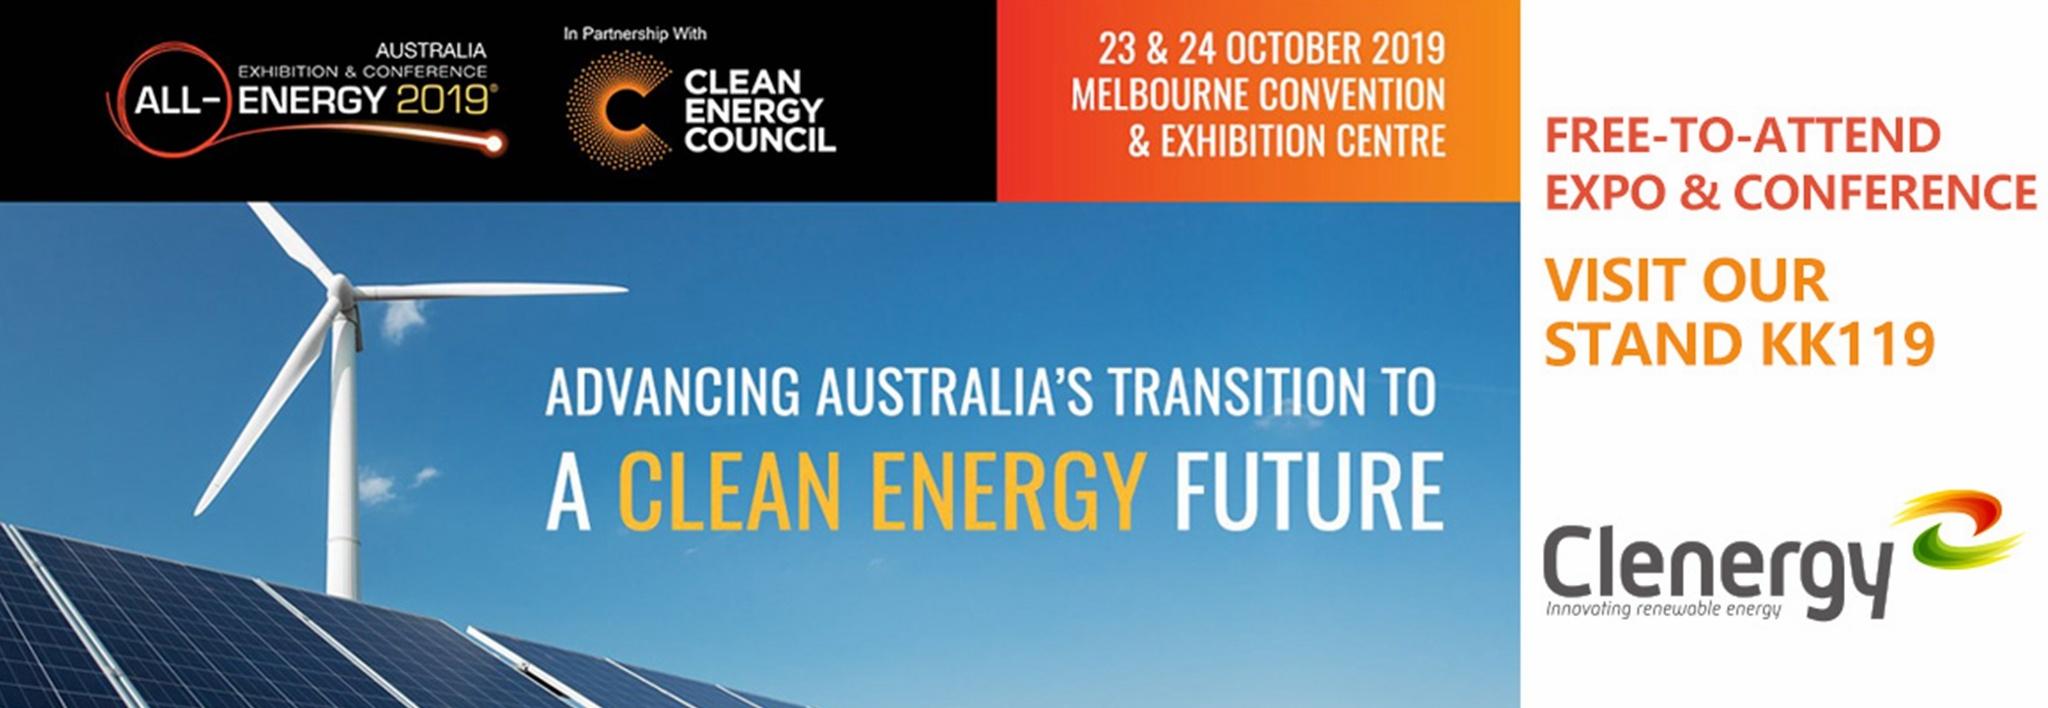 Clenergy at All-Energy Australia 2019 Invitation Letter